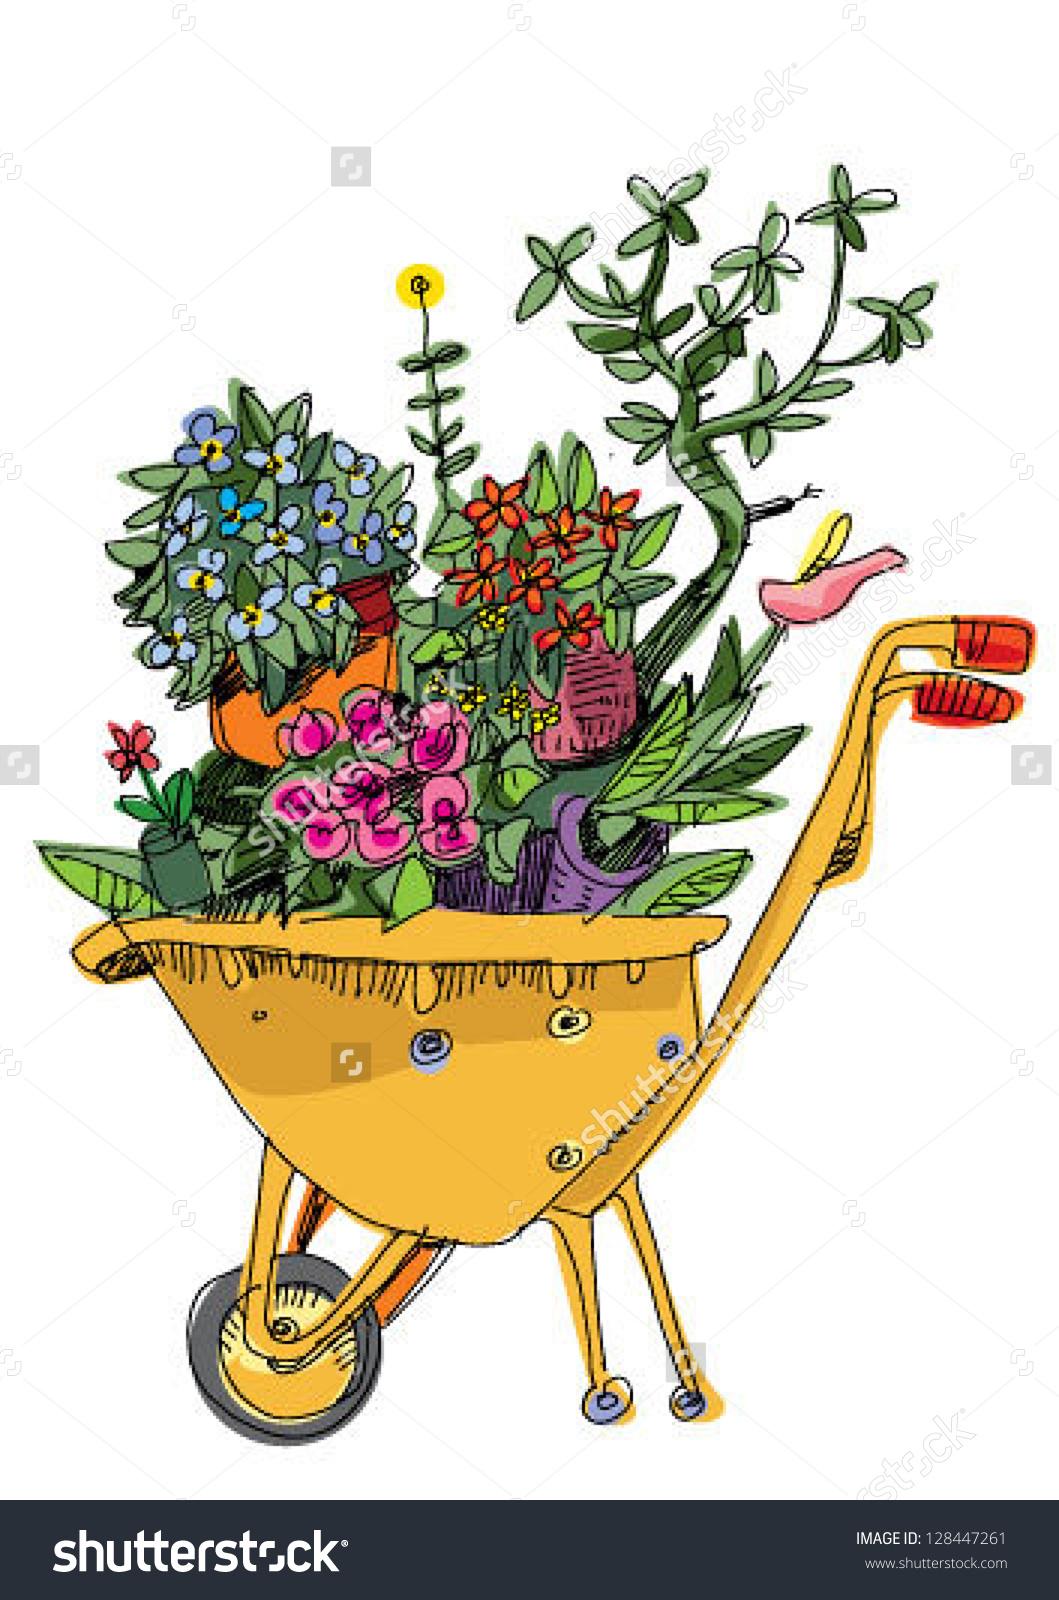 wheelbarrow with flowers clipart #12